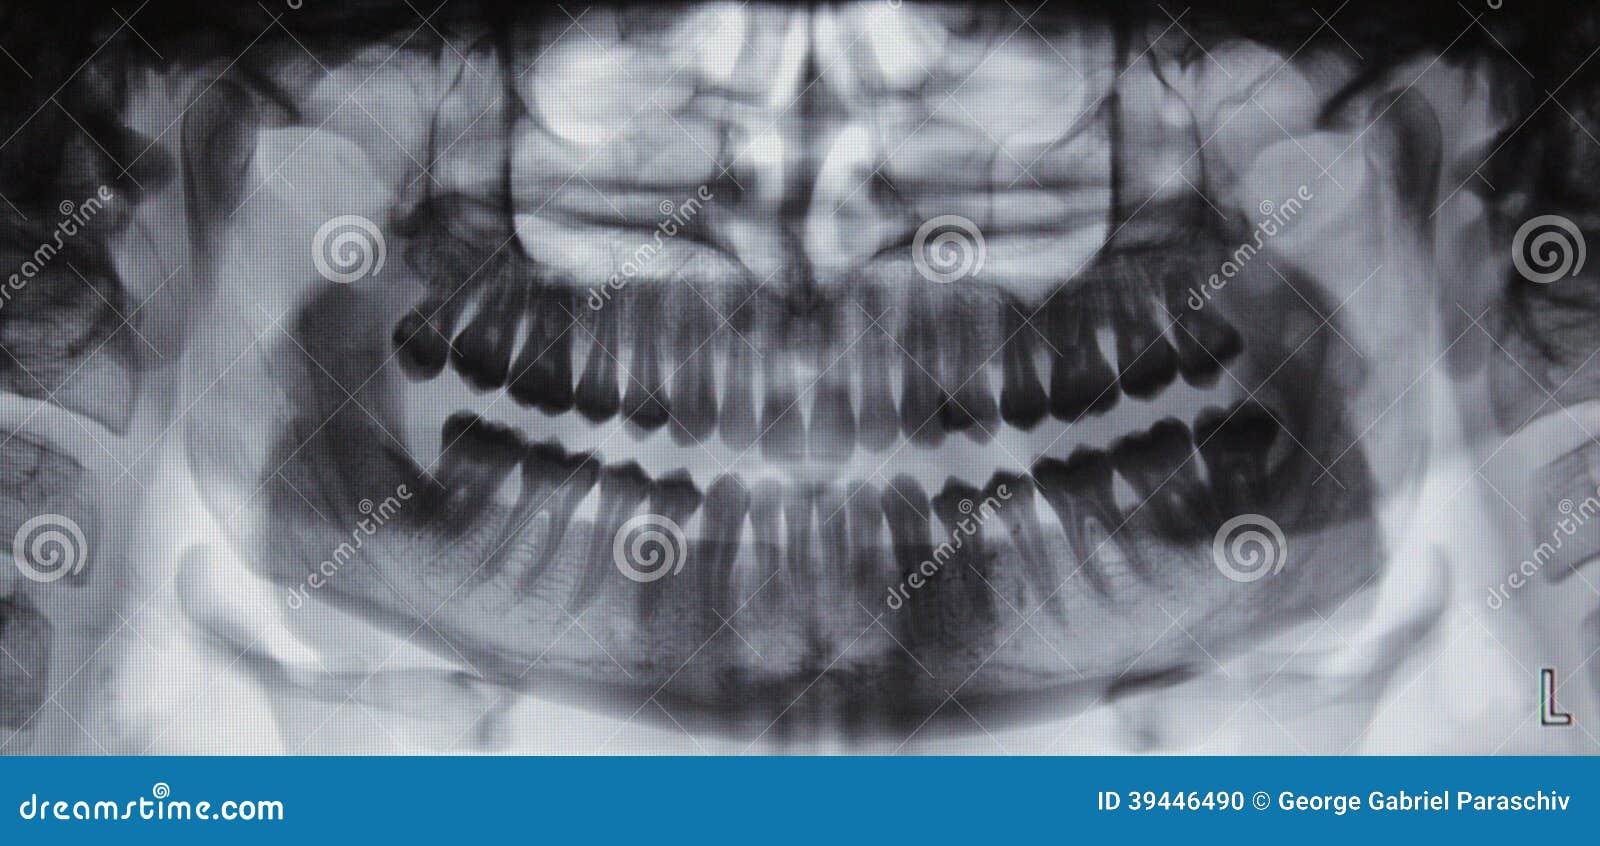 Radiografía Dental Panorámica - 31 Dientes Foto de archivo - Imagen ...